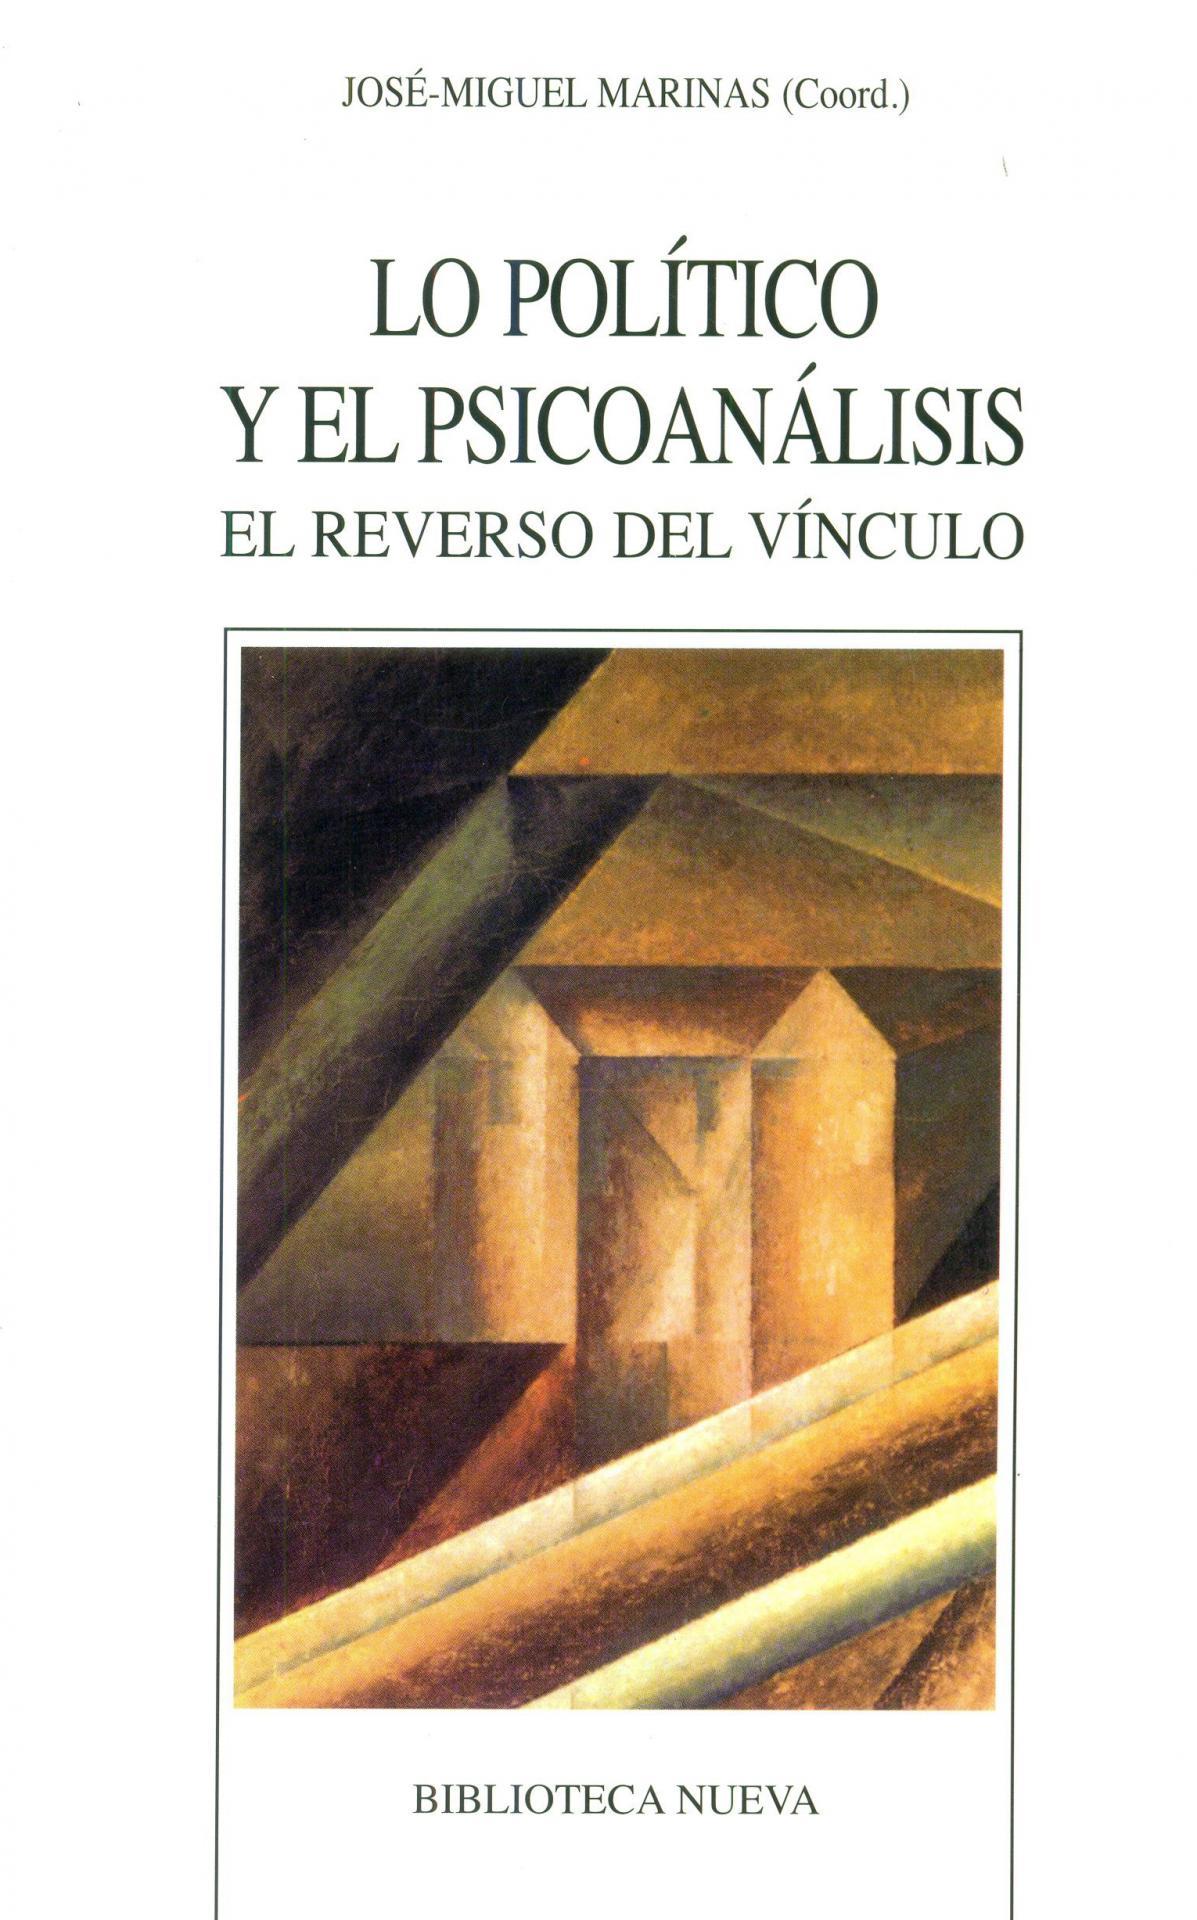 LO POLÍTICO Y EL PSICOANÁLISIS. El reverso del vínculo. Marinas, J.M.